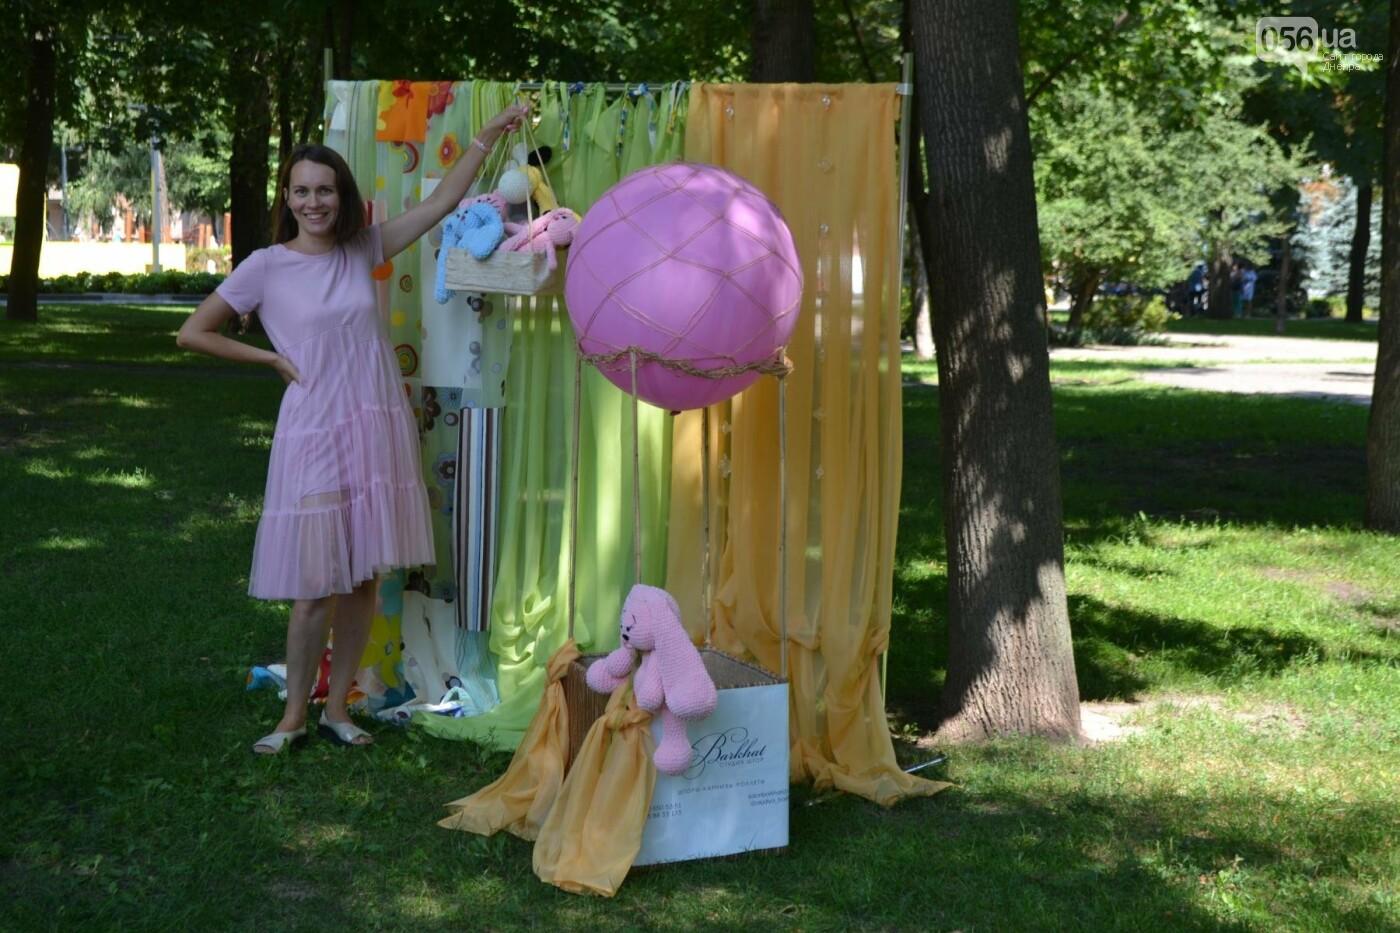 Как в Днепре проходит первый фестиваль грудного вскармливания, - ФОТО, фото-1